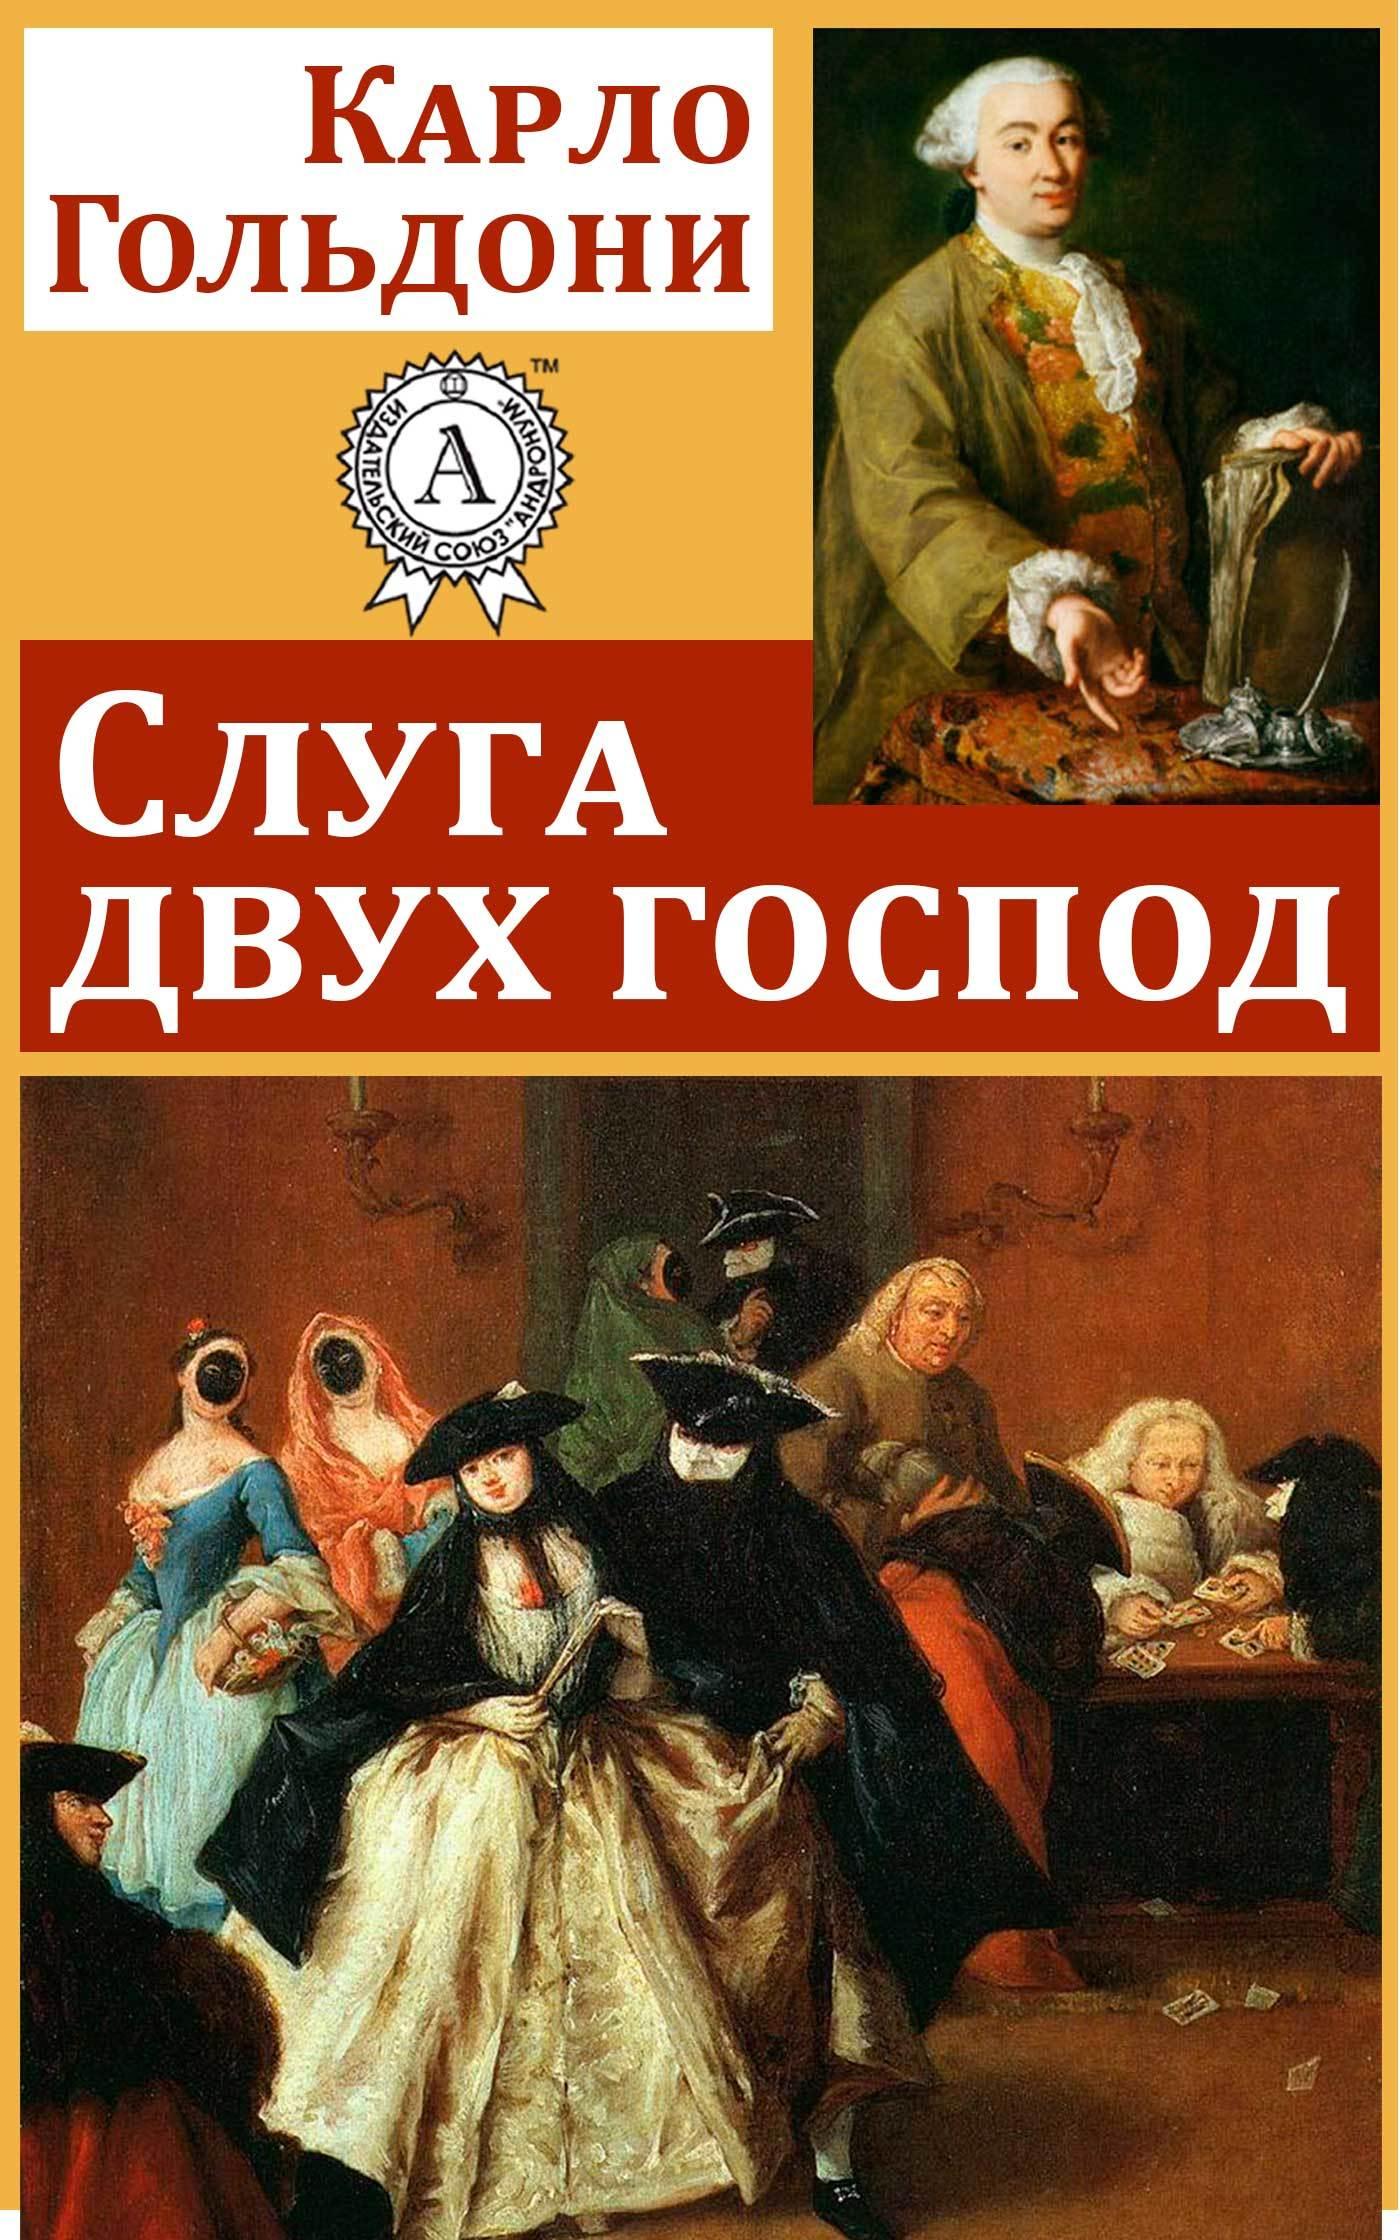 доступная книга Карло Гольдони легко скачать